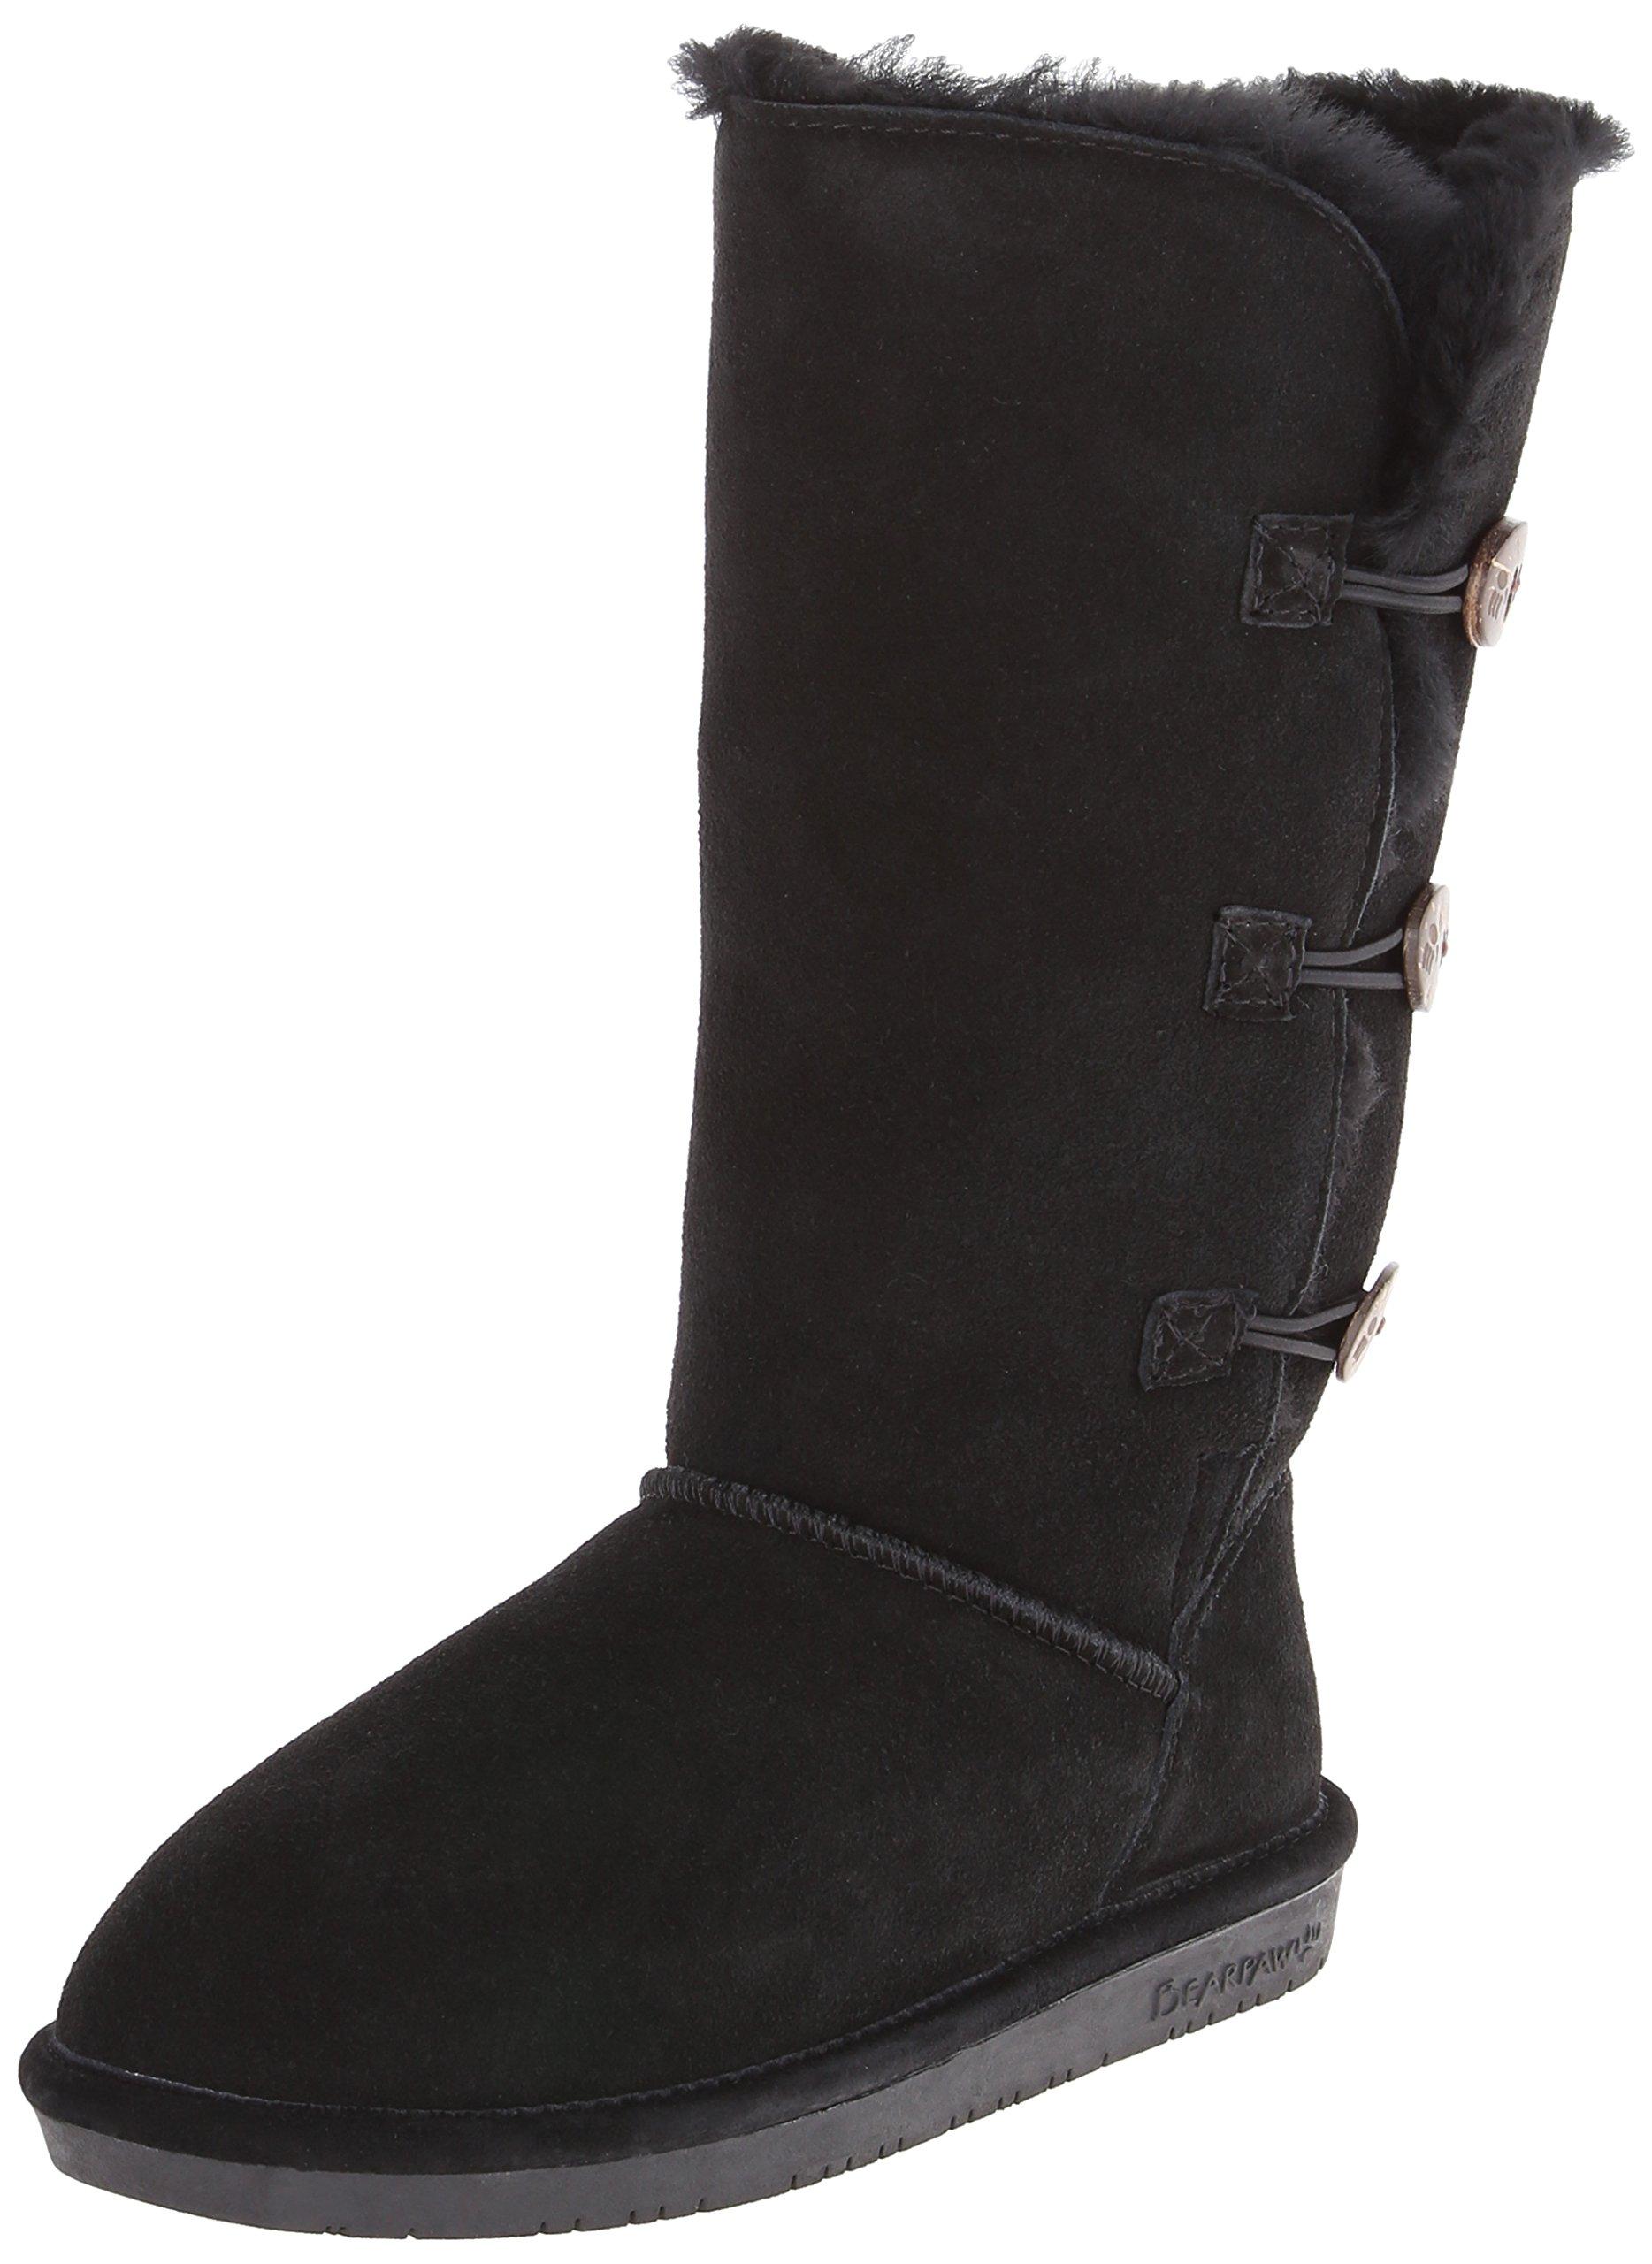 BEARPAW Women's Lauren Tall Winter Boot, Black II, 7 M US